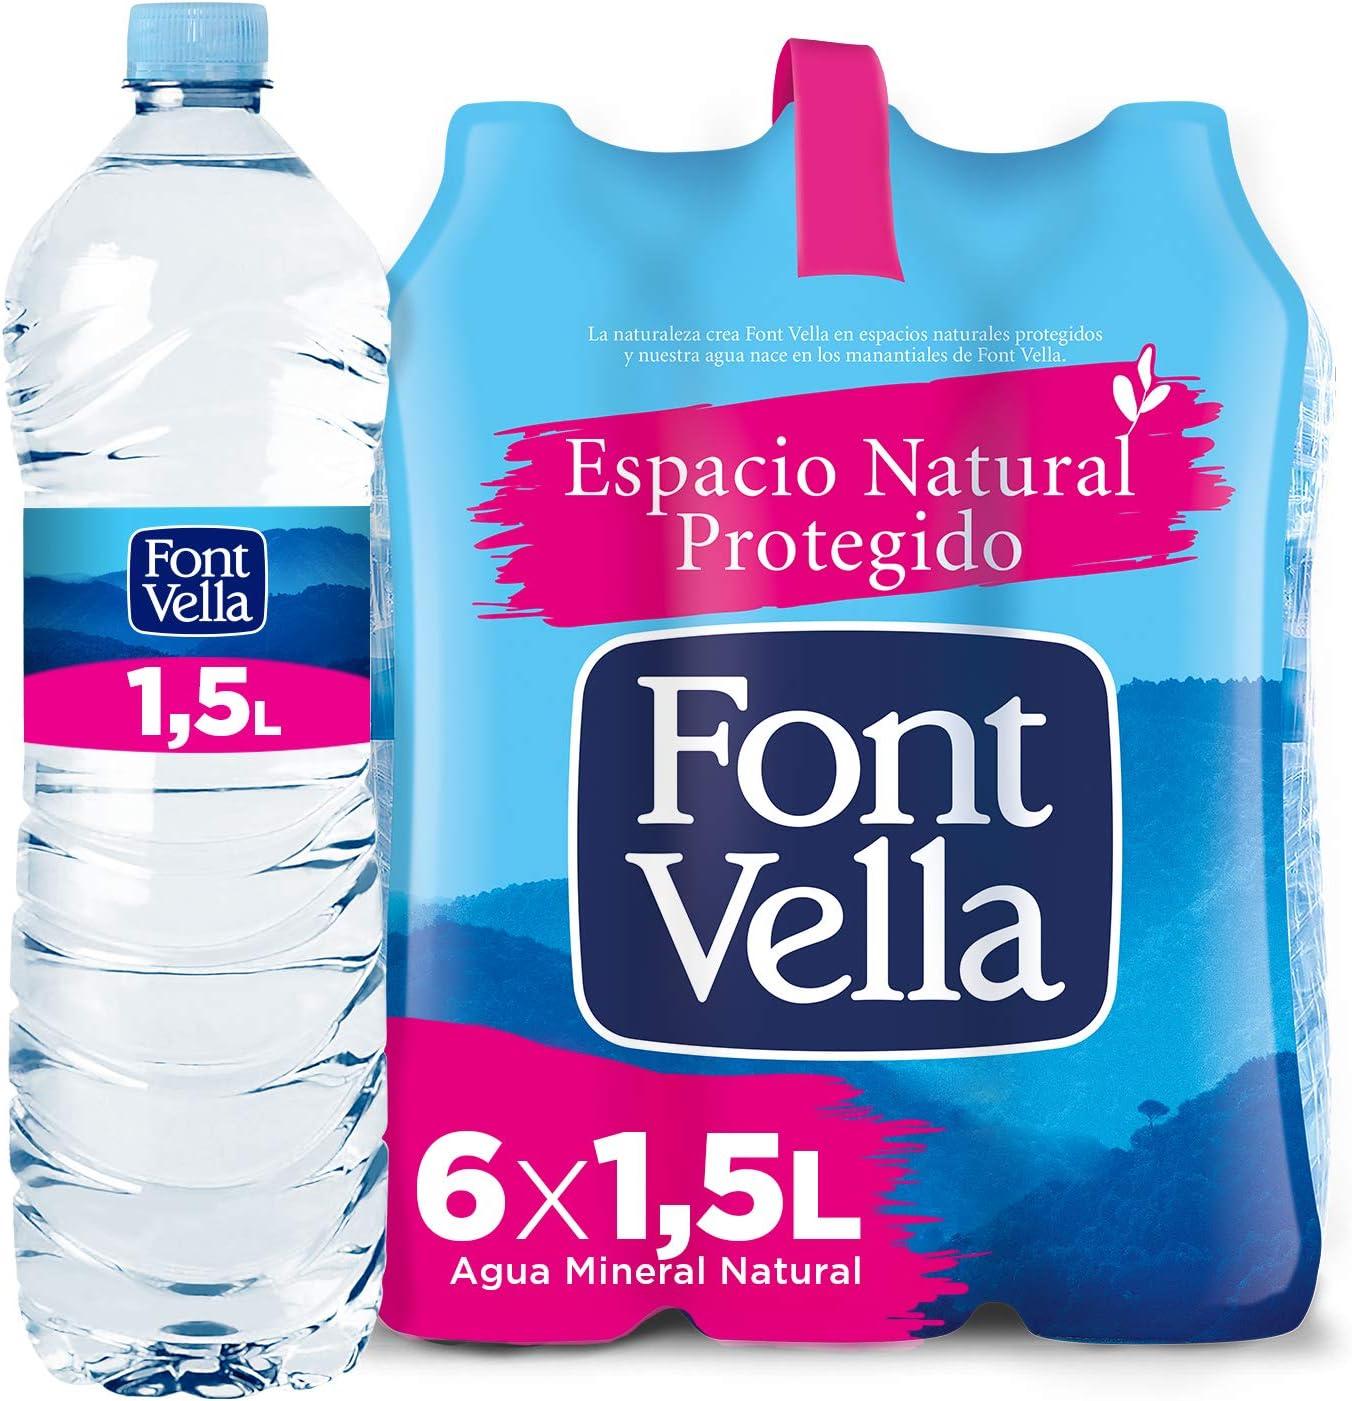 Font Vella, Agua Mineral Natural - Pack 6 x 1,5L: Amazon.es ...